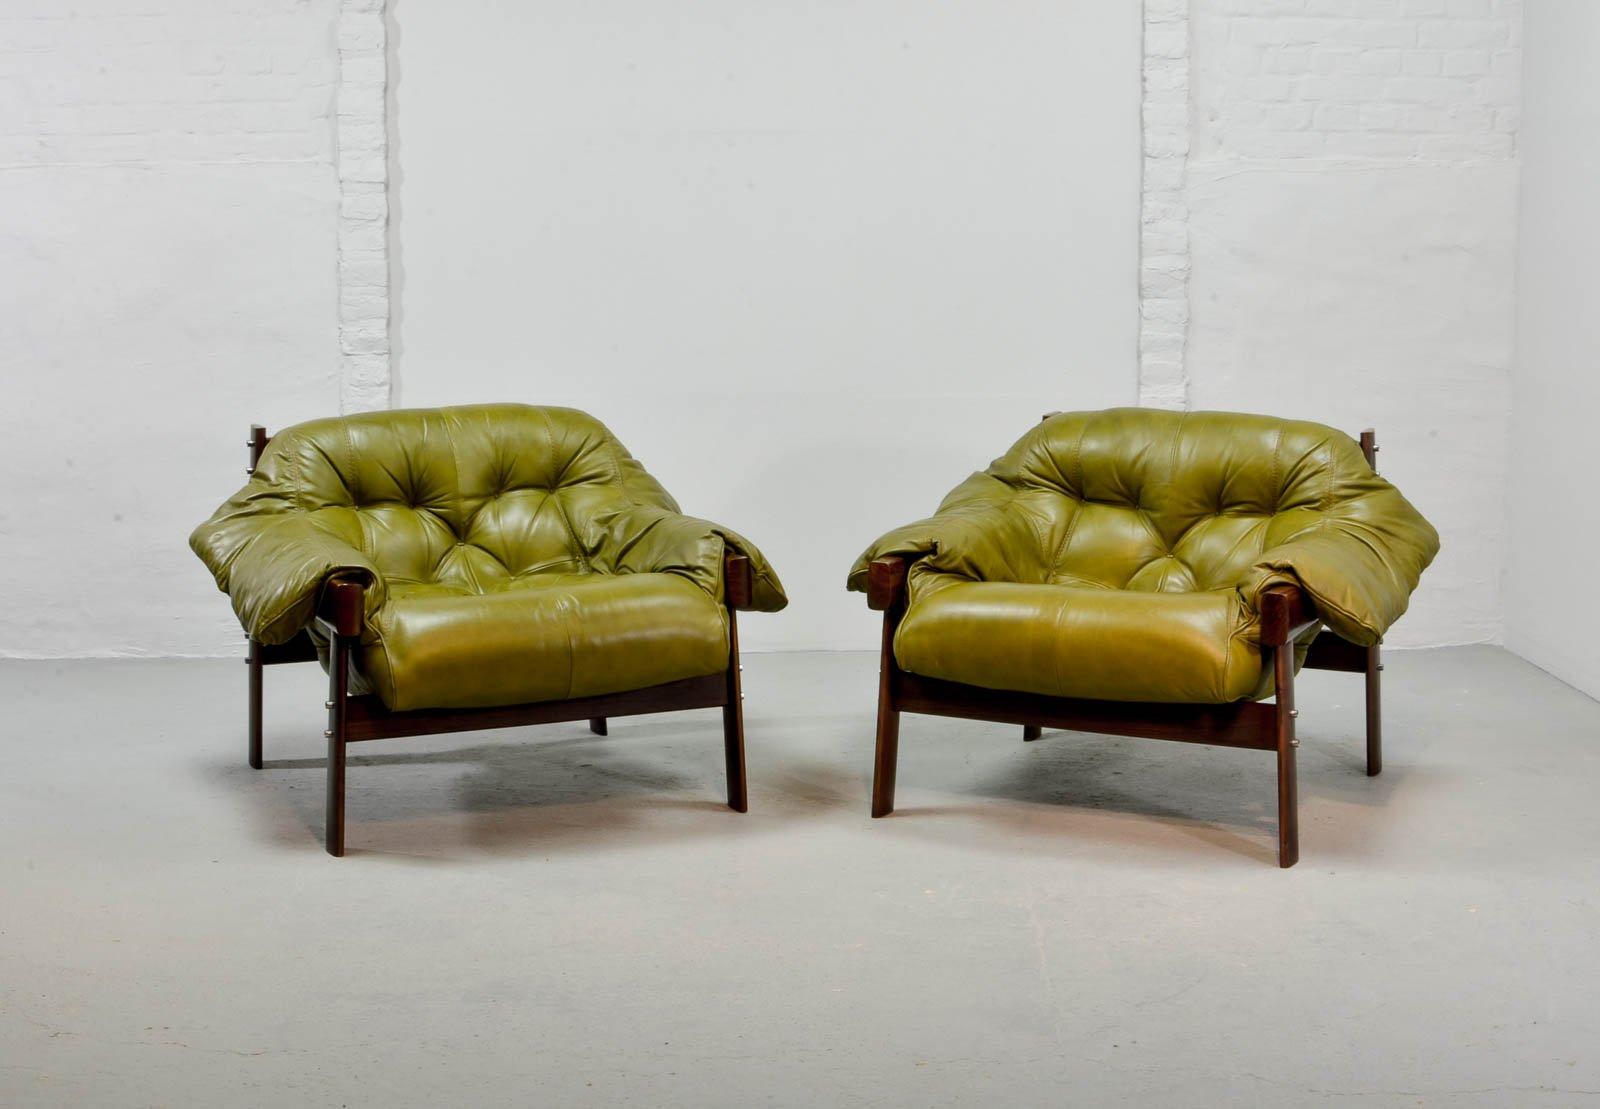 Olivgrüne Leder Sessel & Ottomane von Percival Lafer, 1960er